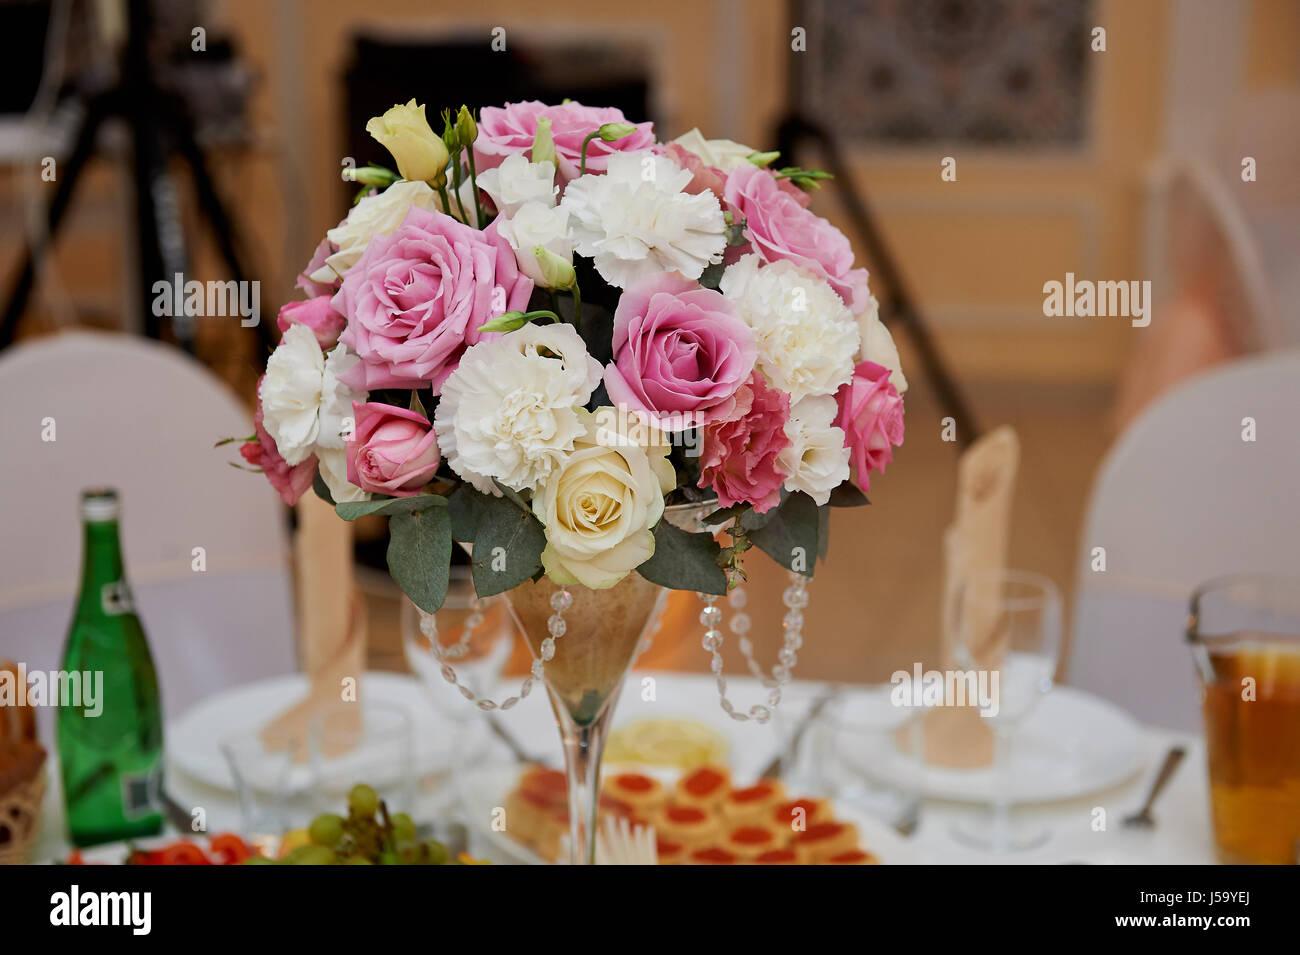 Hochzeit Anordnung In Ein Hohes Glas In Weiss Und Rosa Tonen